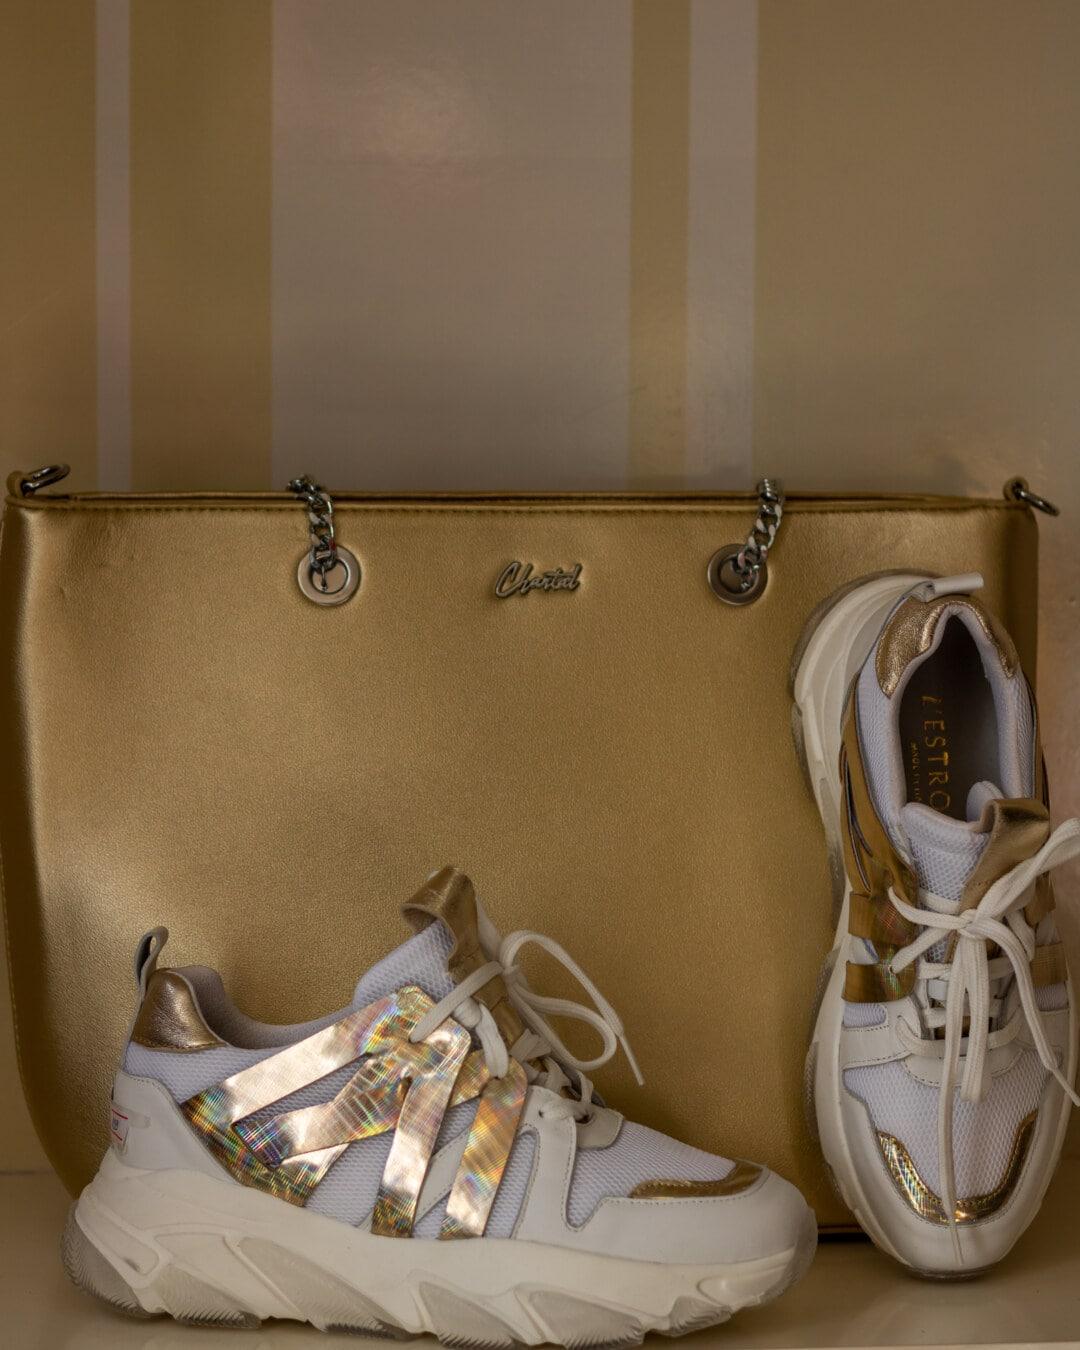 黄金の輝き, スニーカー, 高級, シャイニング ・, 光沢のあります。, ハンドバッグ, 履物, ファッション, 革, レトロ